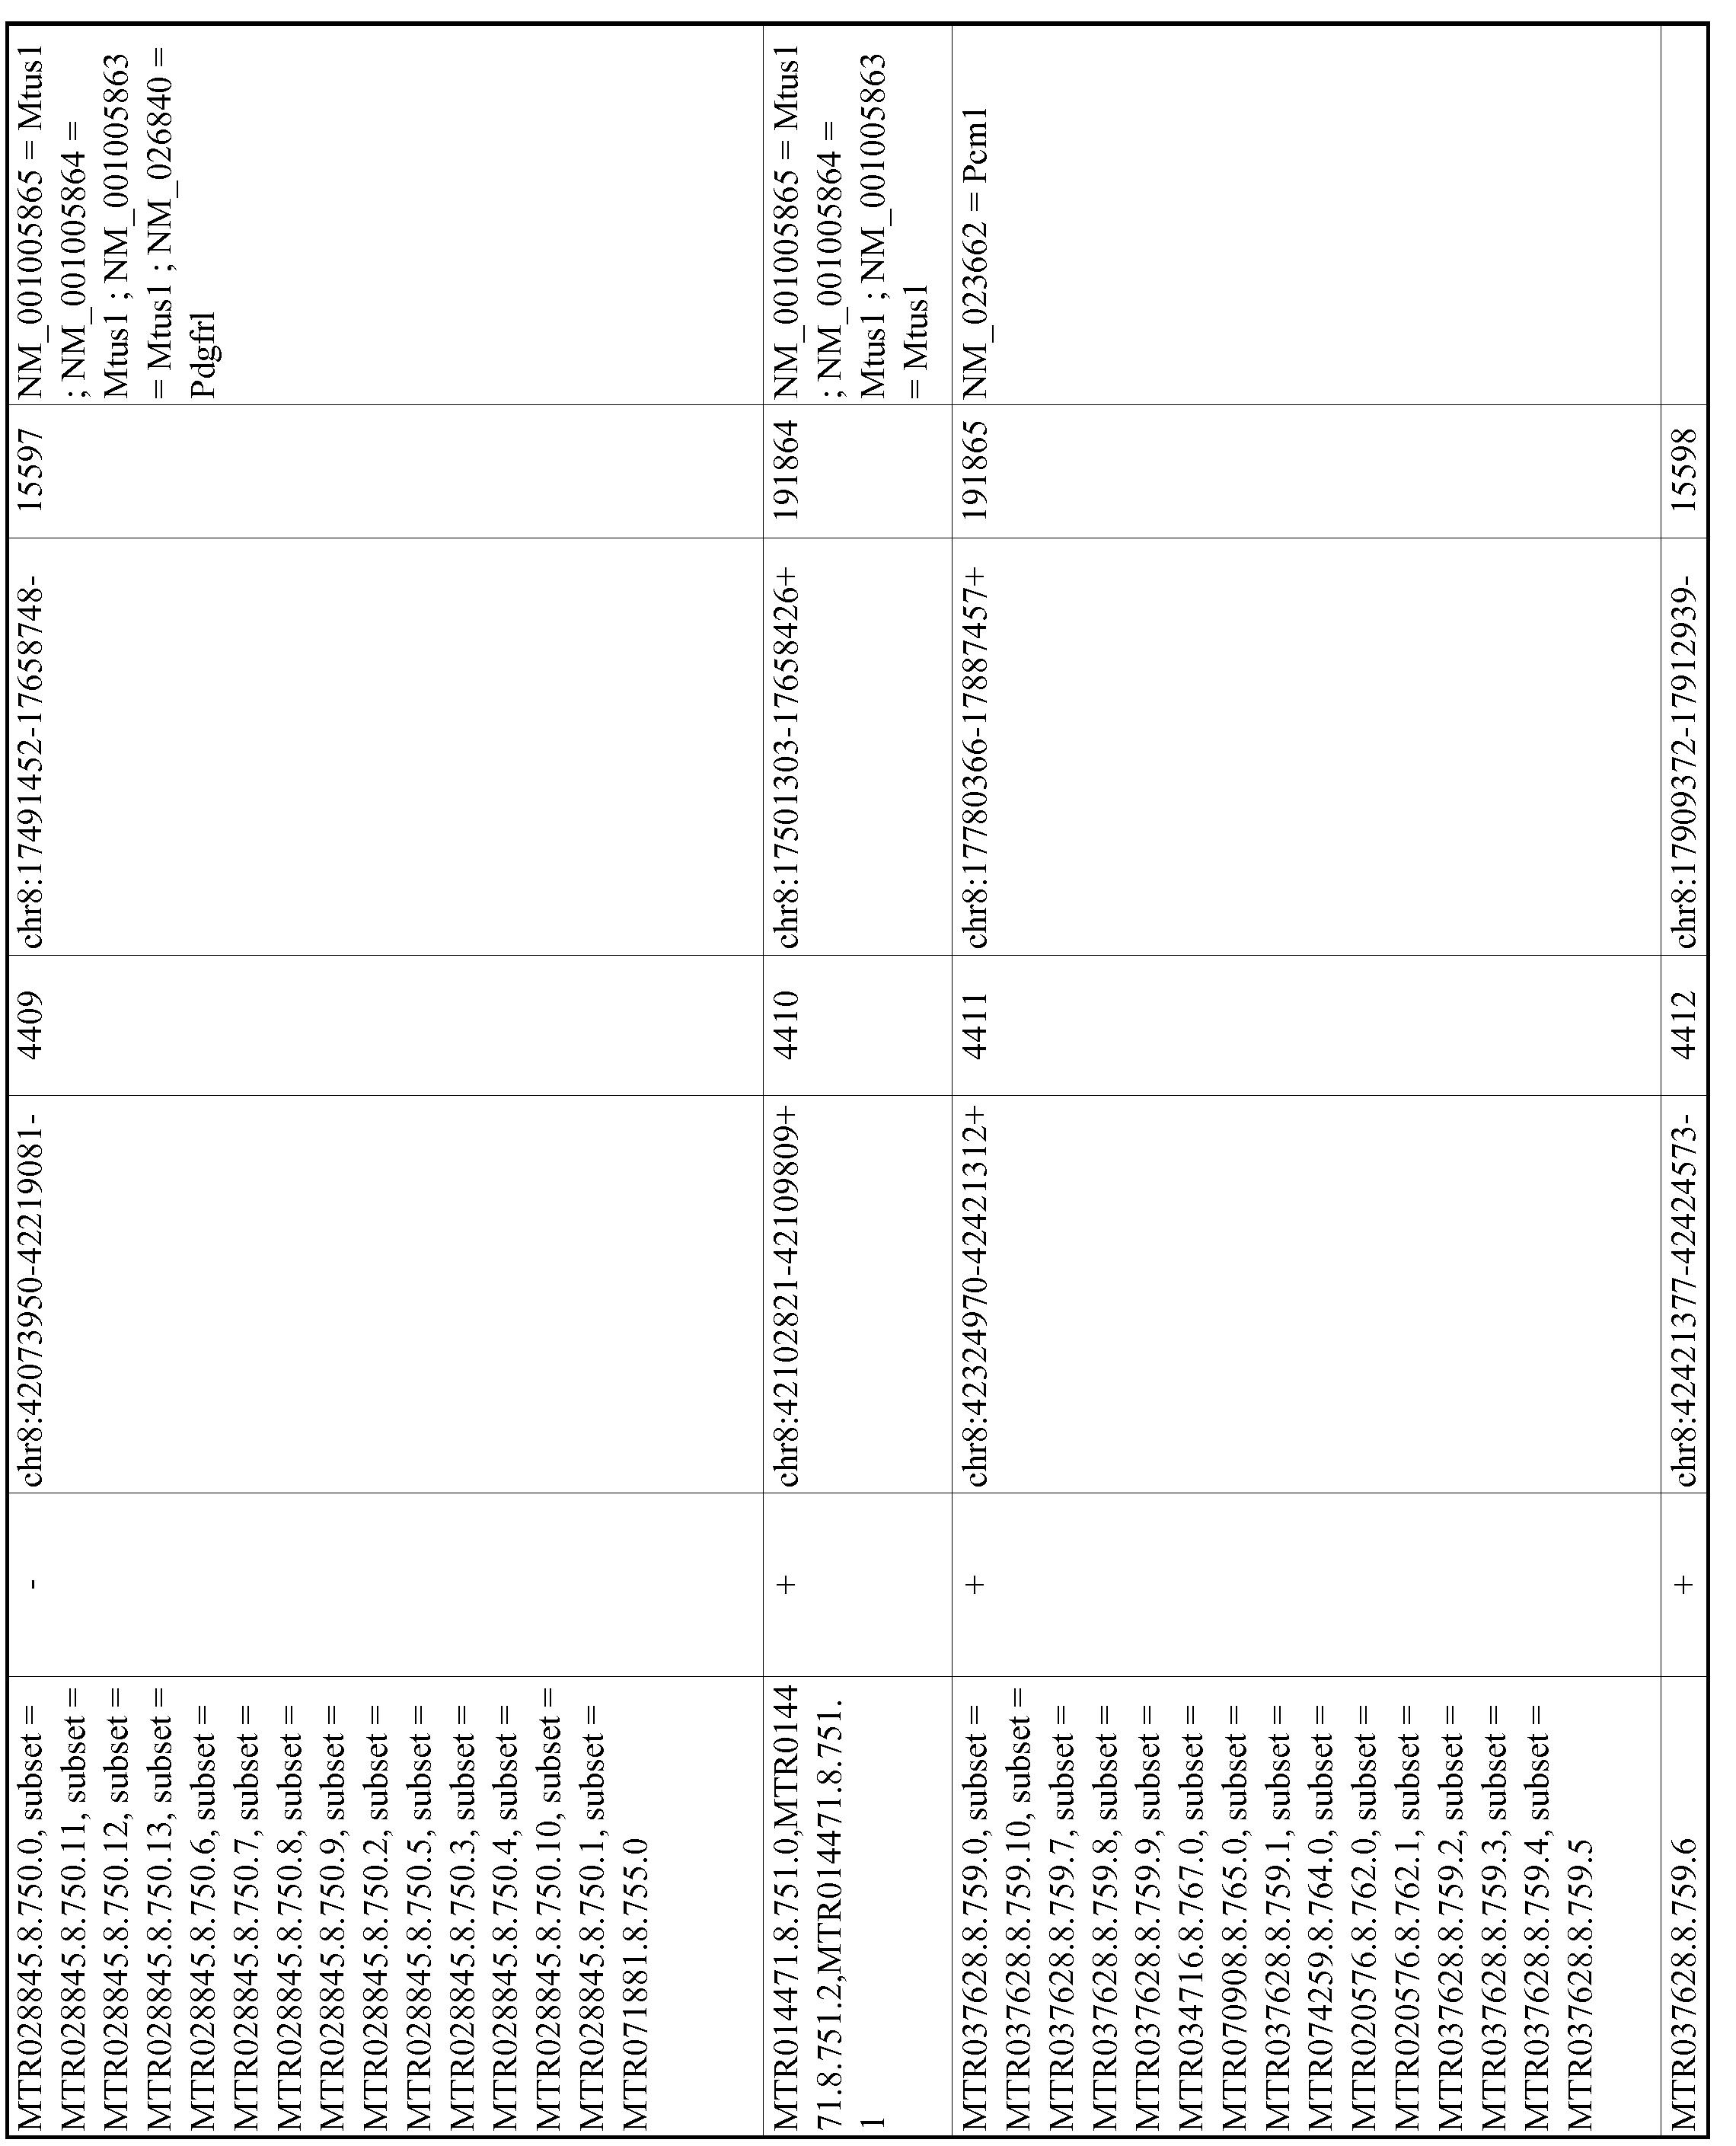 Figure imgf000823_0001